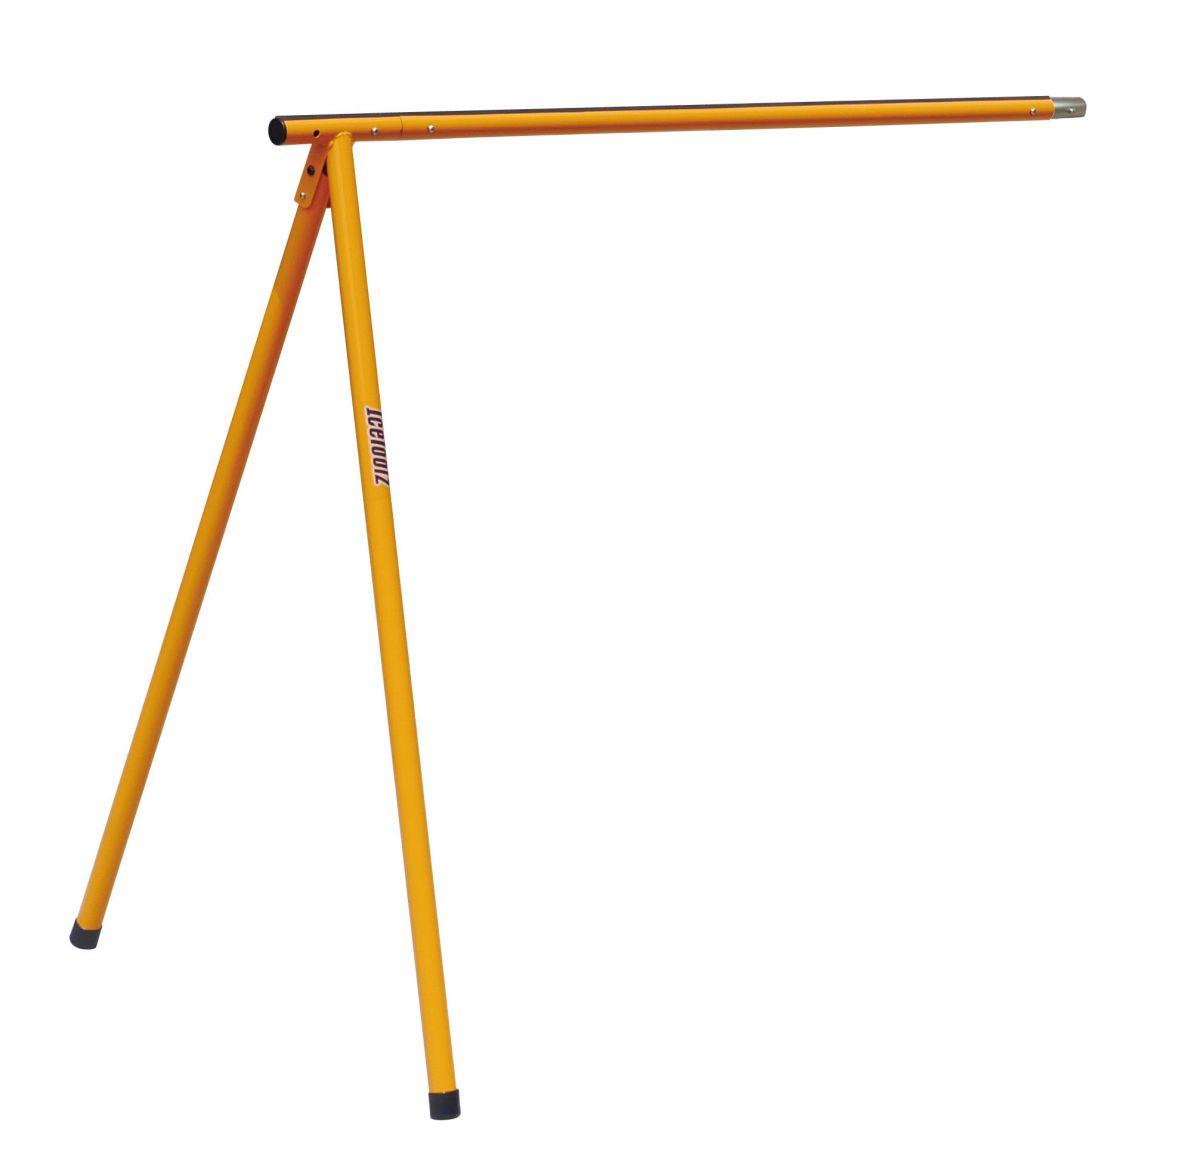 icetoolz showstandaardextensie p411s 46 fietsen oranje